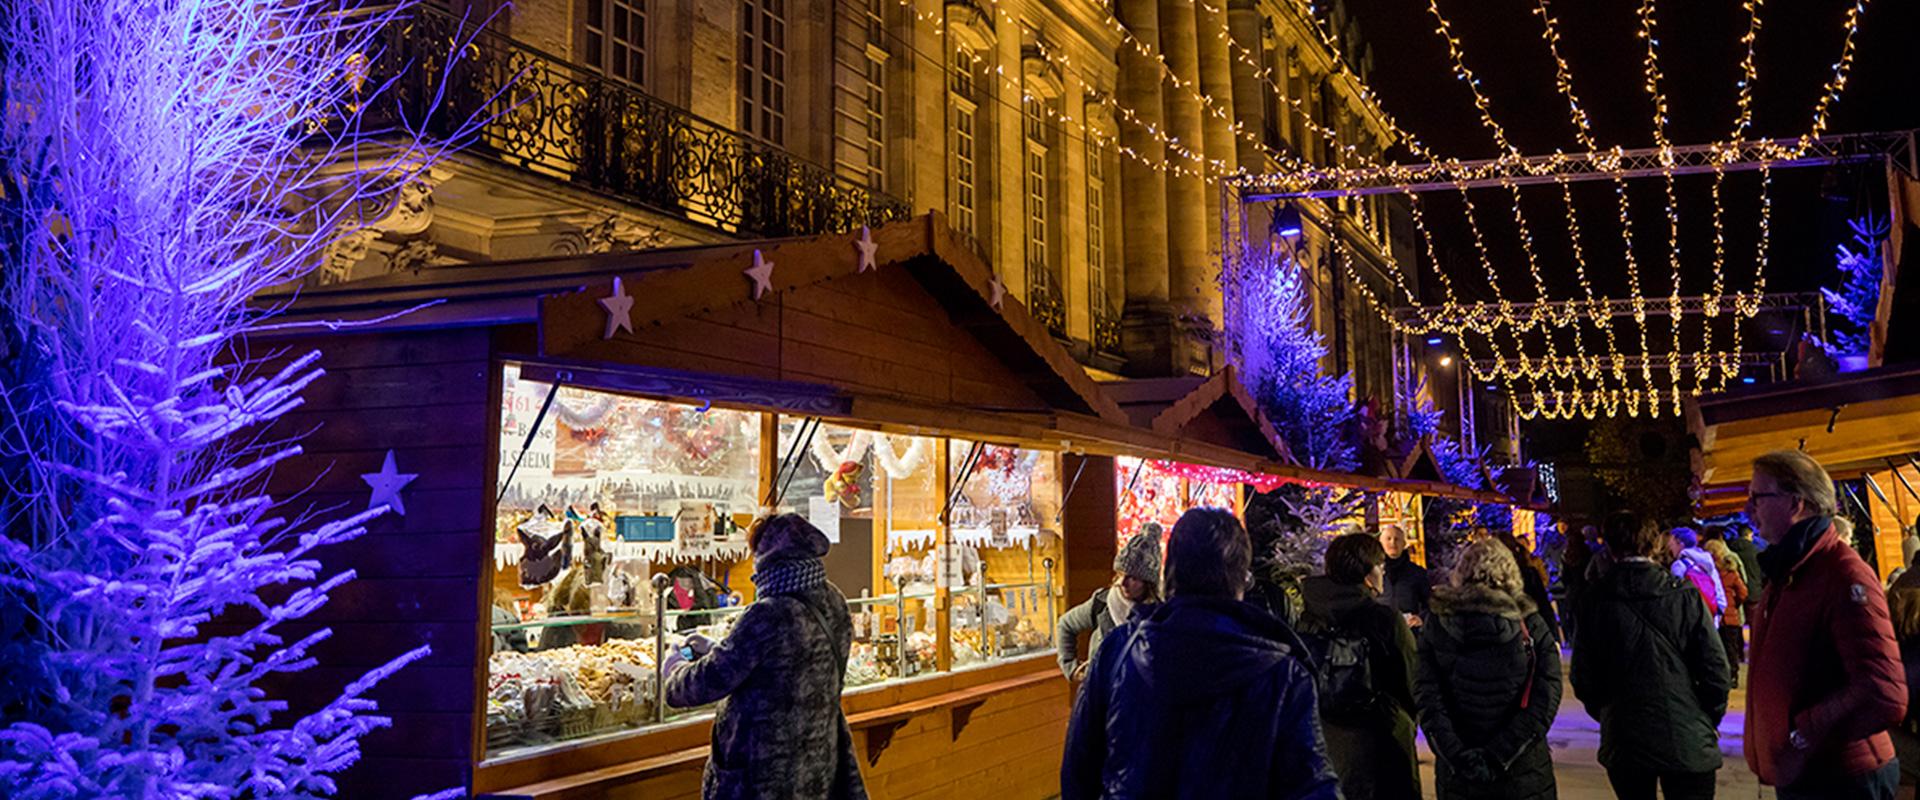 Le marché de Noël en 1 jour : un concentré d'incontournables